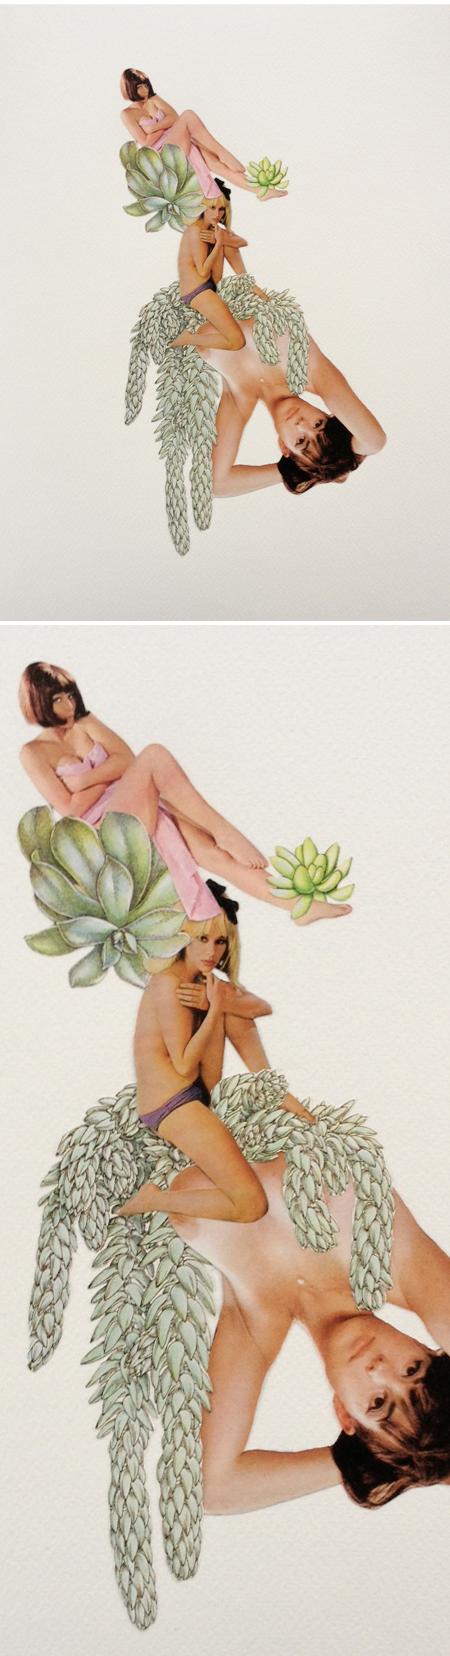 dirtygarden_succulent1